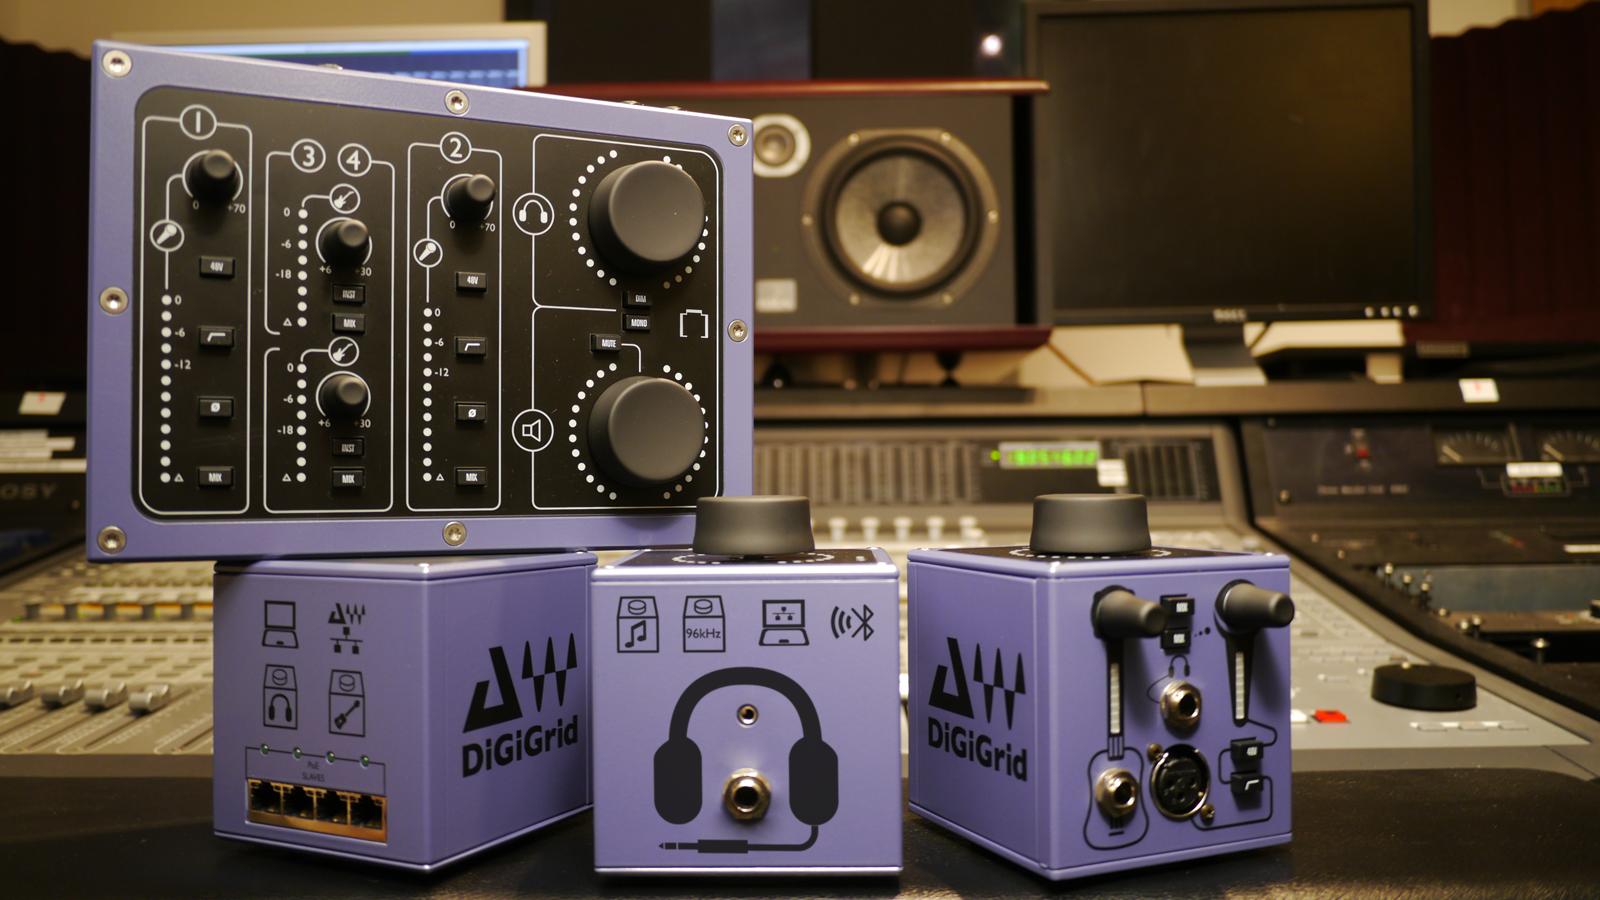 SoundGrid Serverを用いた大型のシステムを構築しつつ、デスクトップでの手軽さも確保した環境